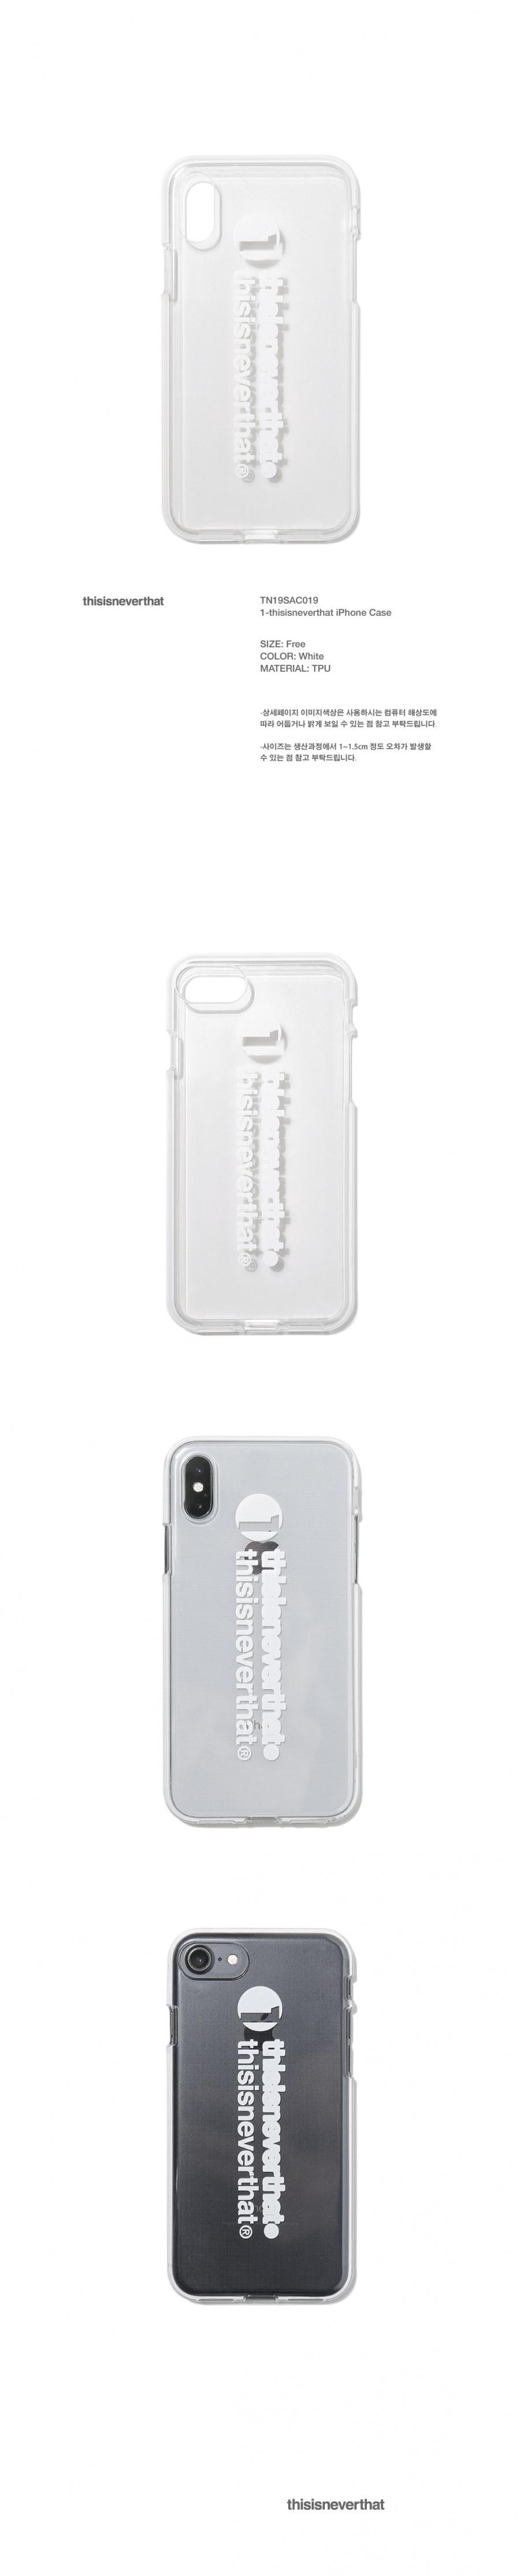 디스이즈네버댓(THISISNEVERTHAT) 1-thisisneverthat iPhone Case X&Xs White